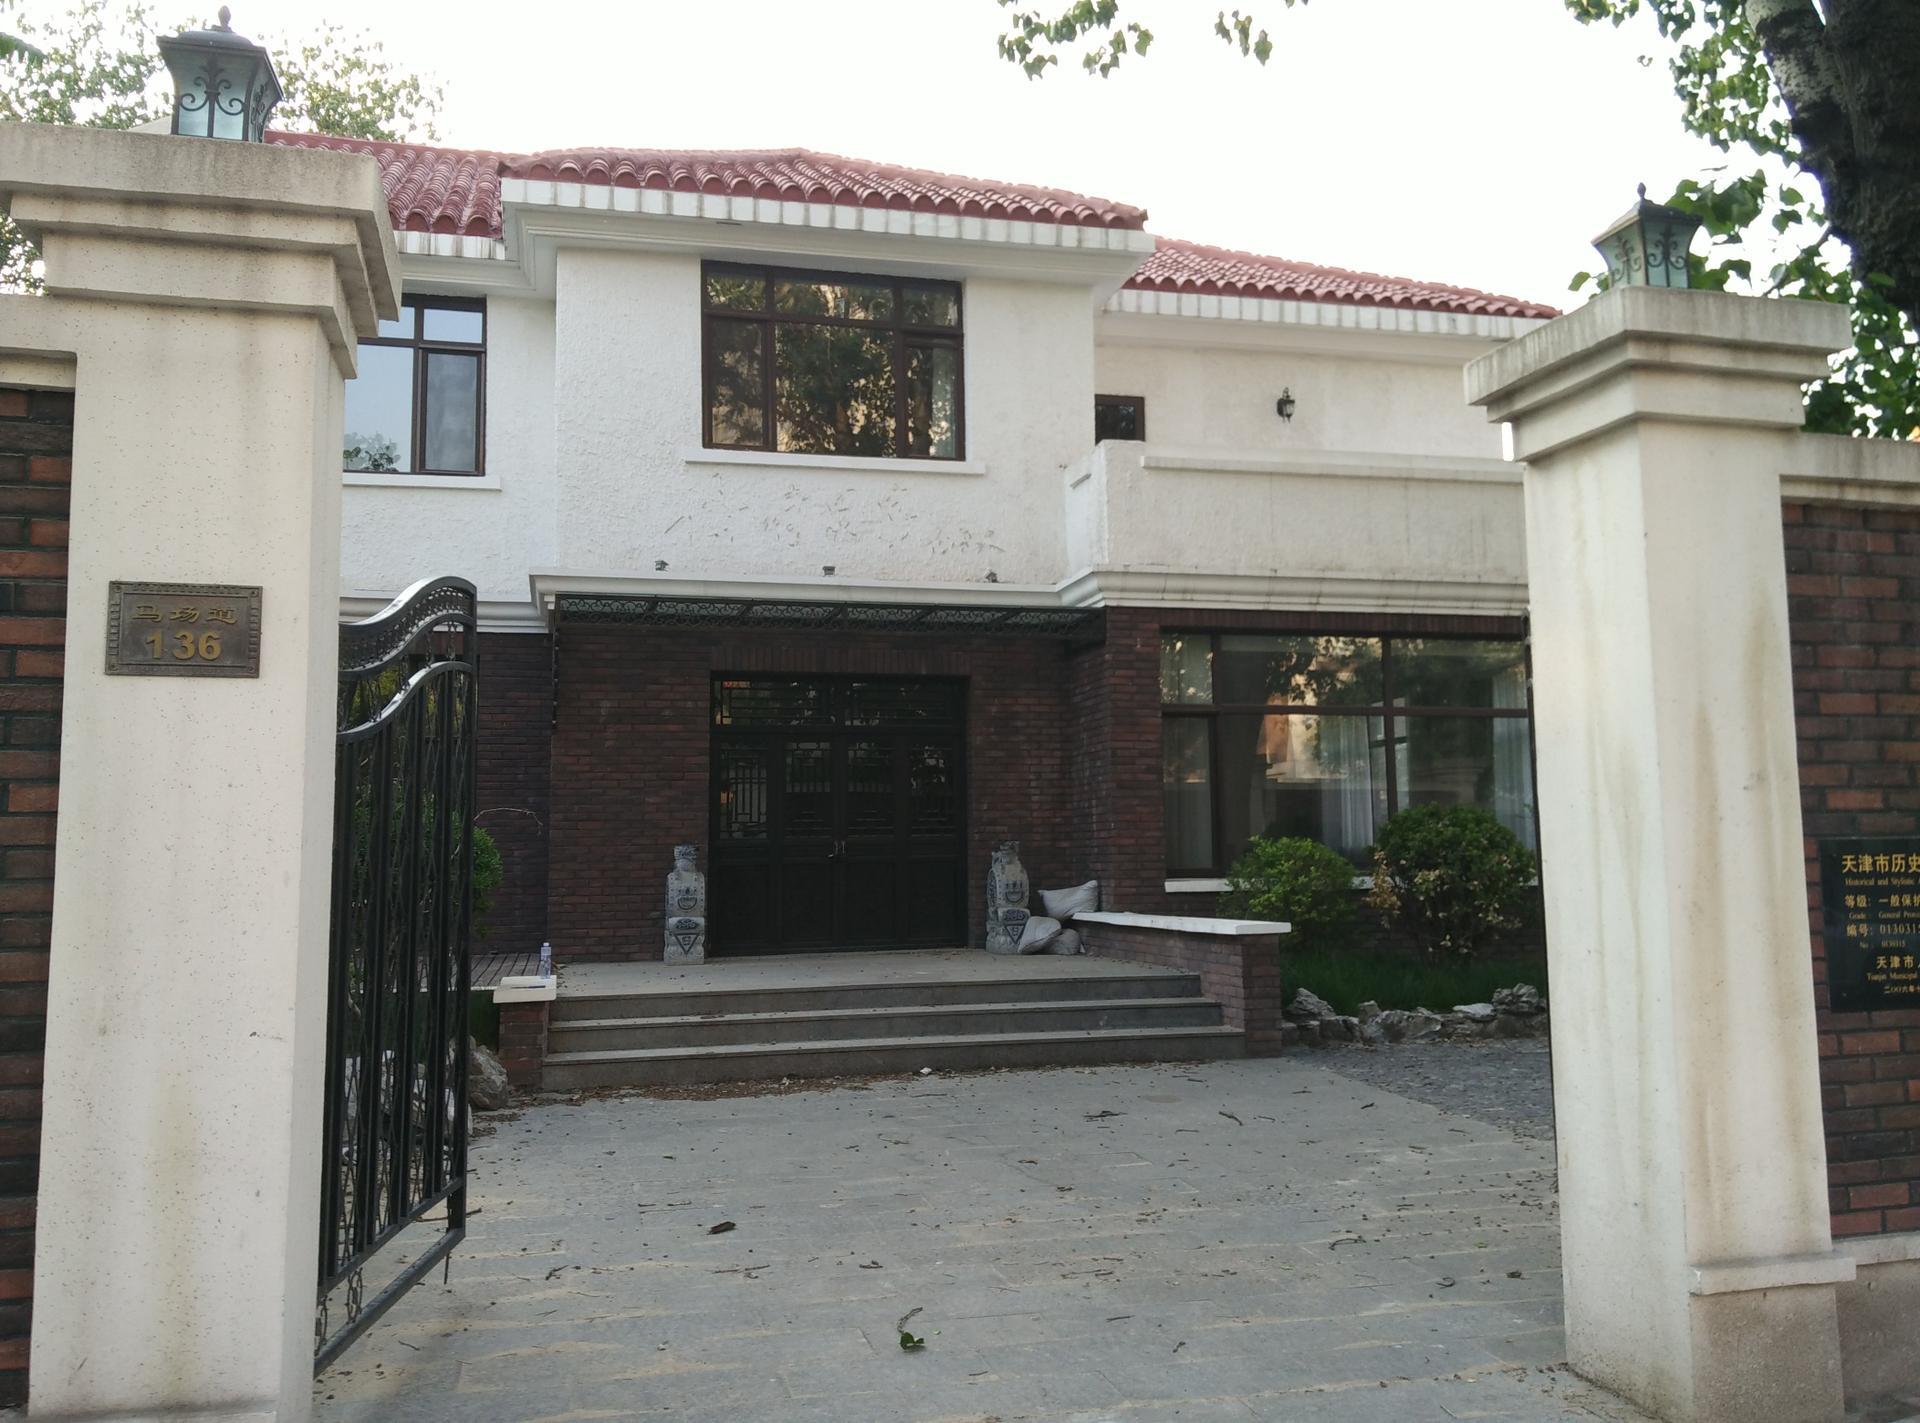 出租马场道临街别墅2栋